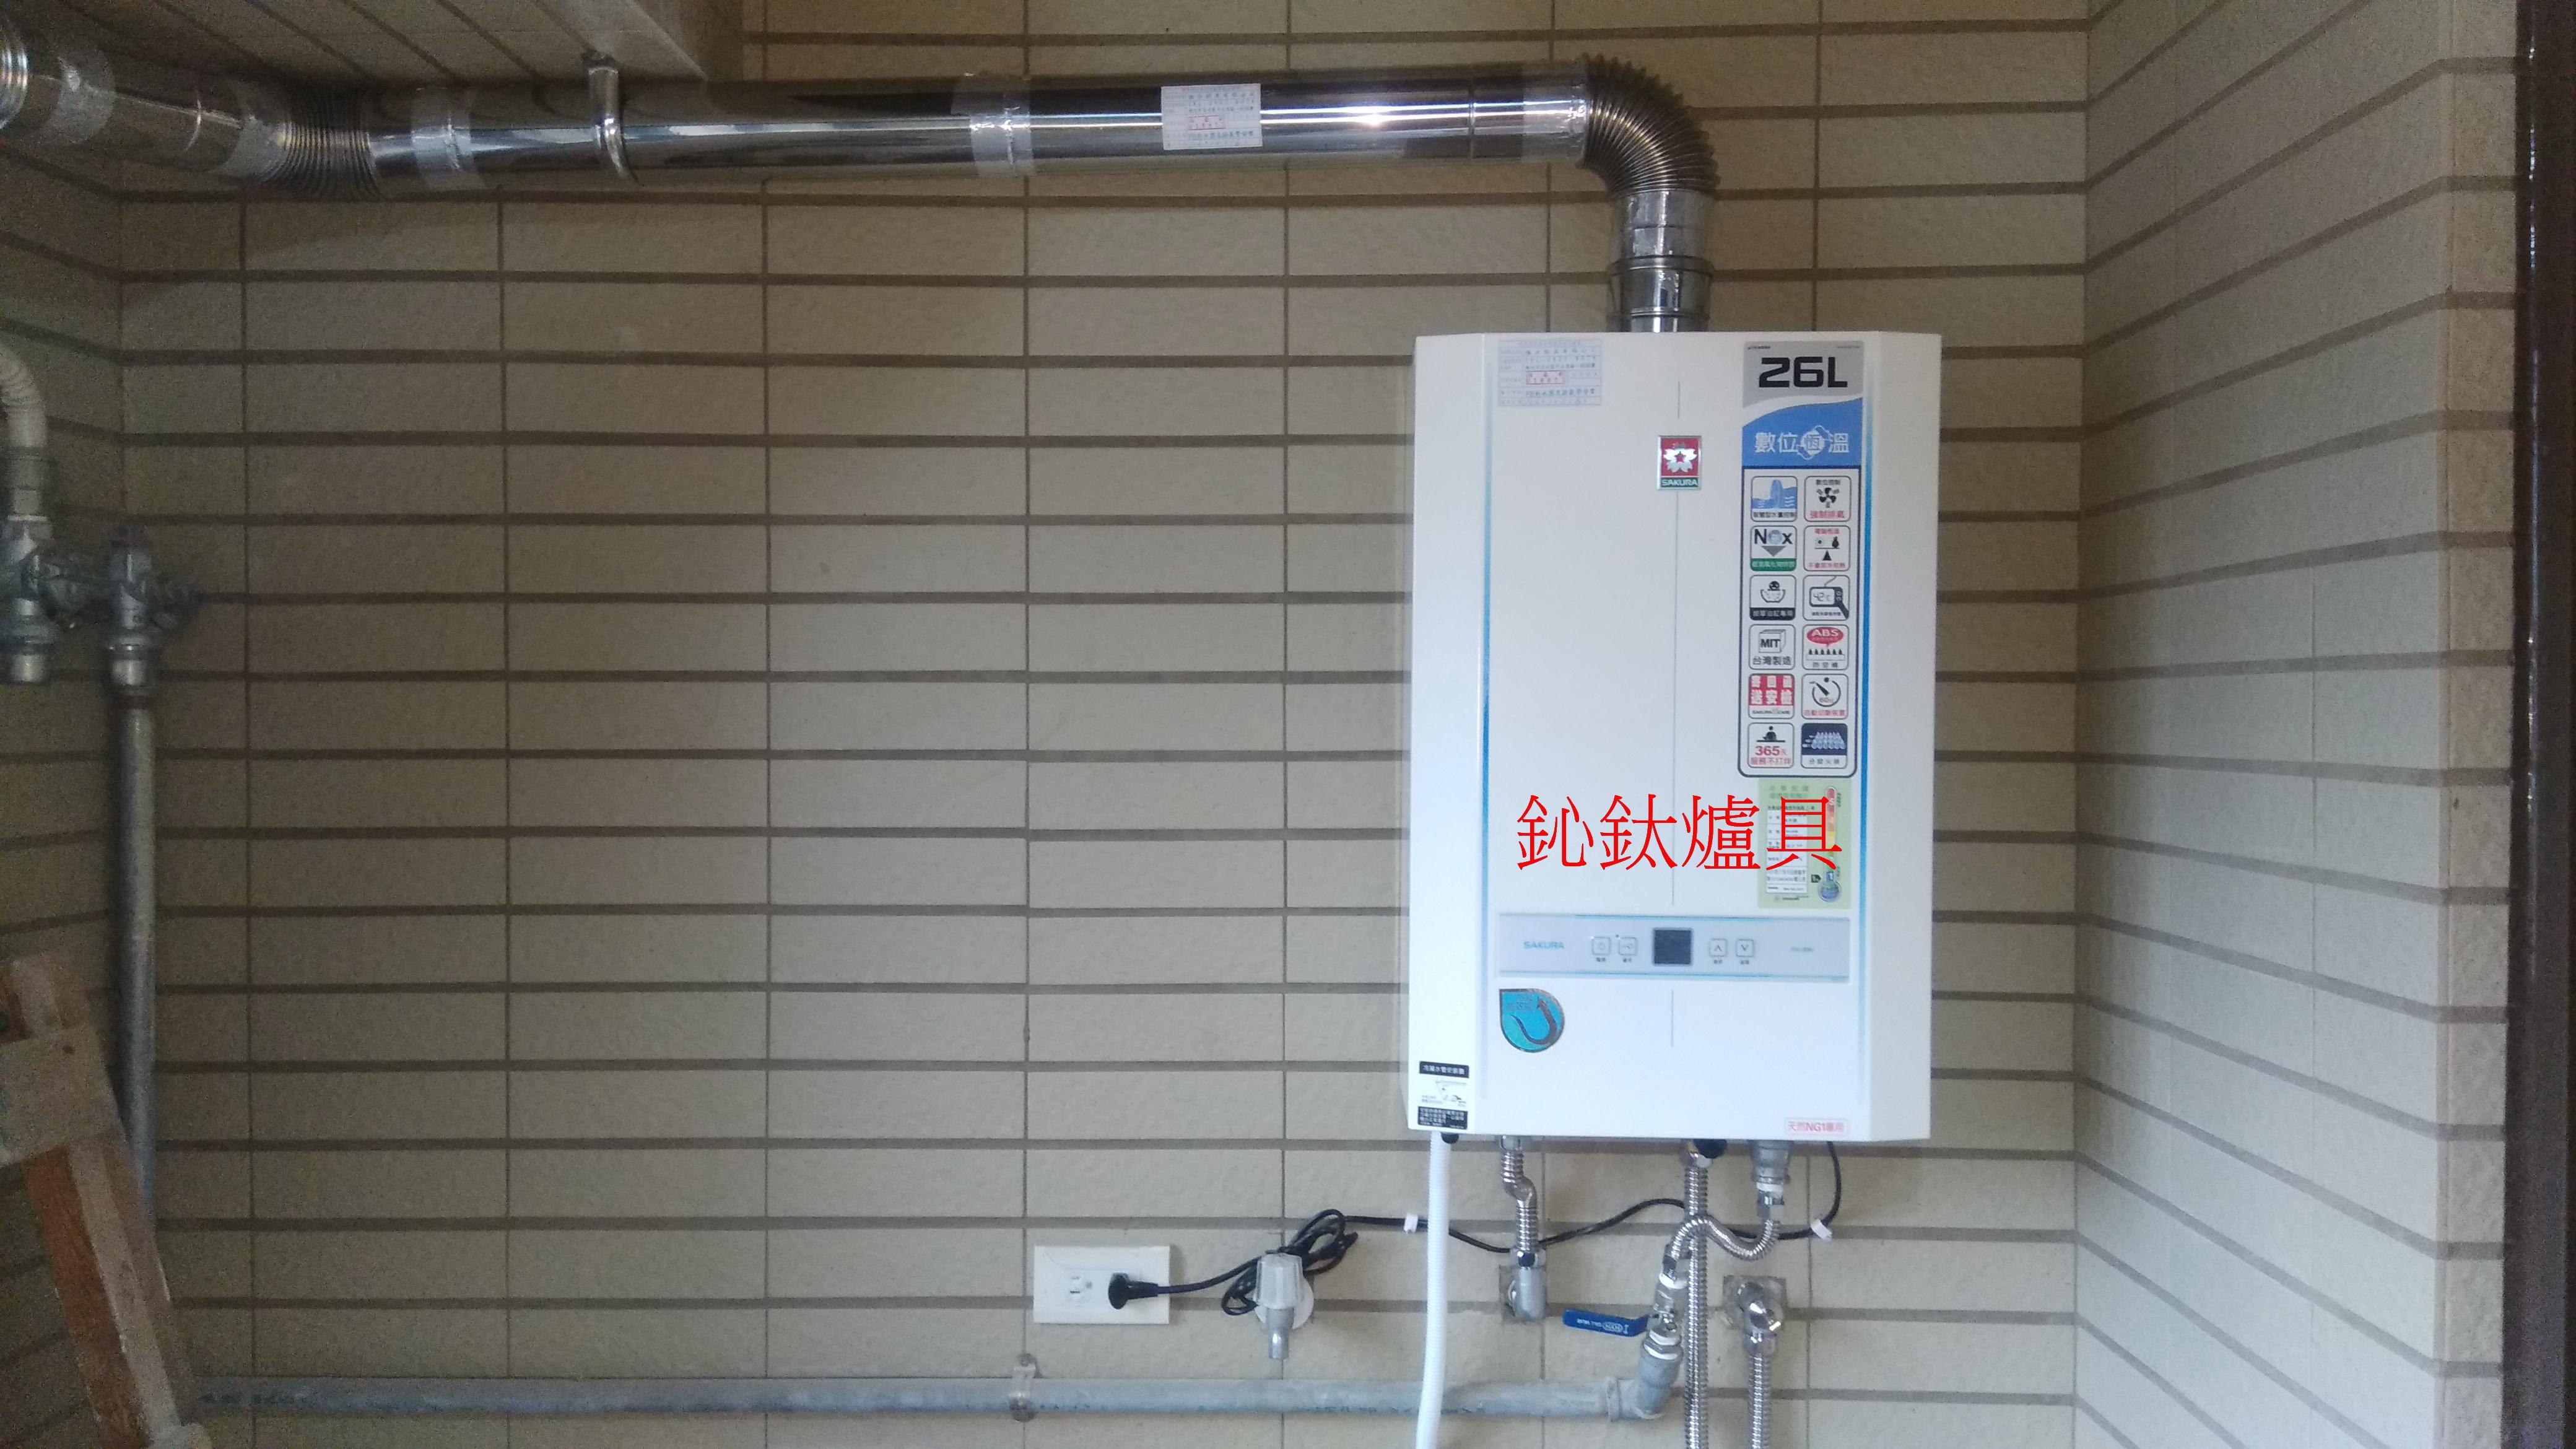 櫻花熱水器SH2690 26L 冷凝高效智能恆溫熱水器(3年保固).jpg